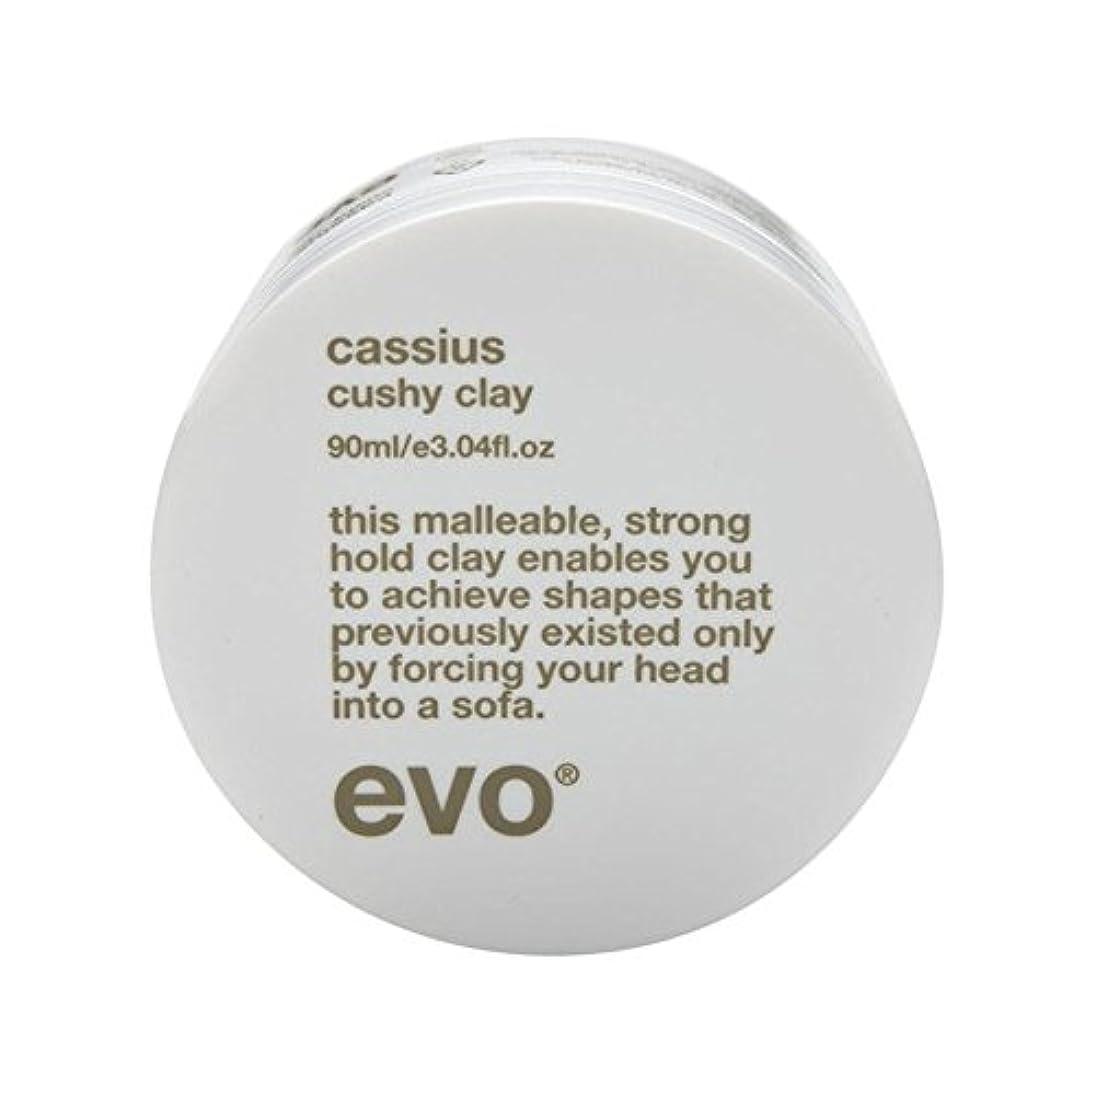 十分消化メイドEvo Cassius Cushy Clay 90G - エボカシウス楽な粘土90グラム [並行輸入品]